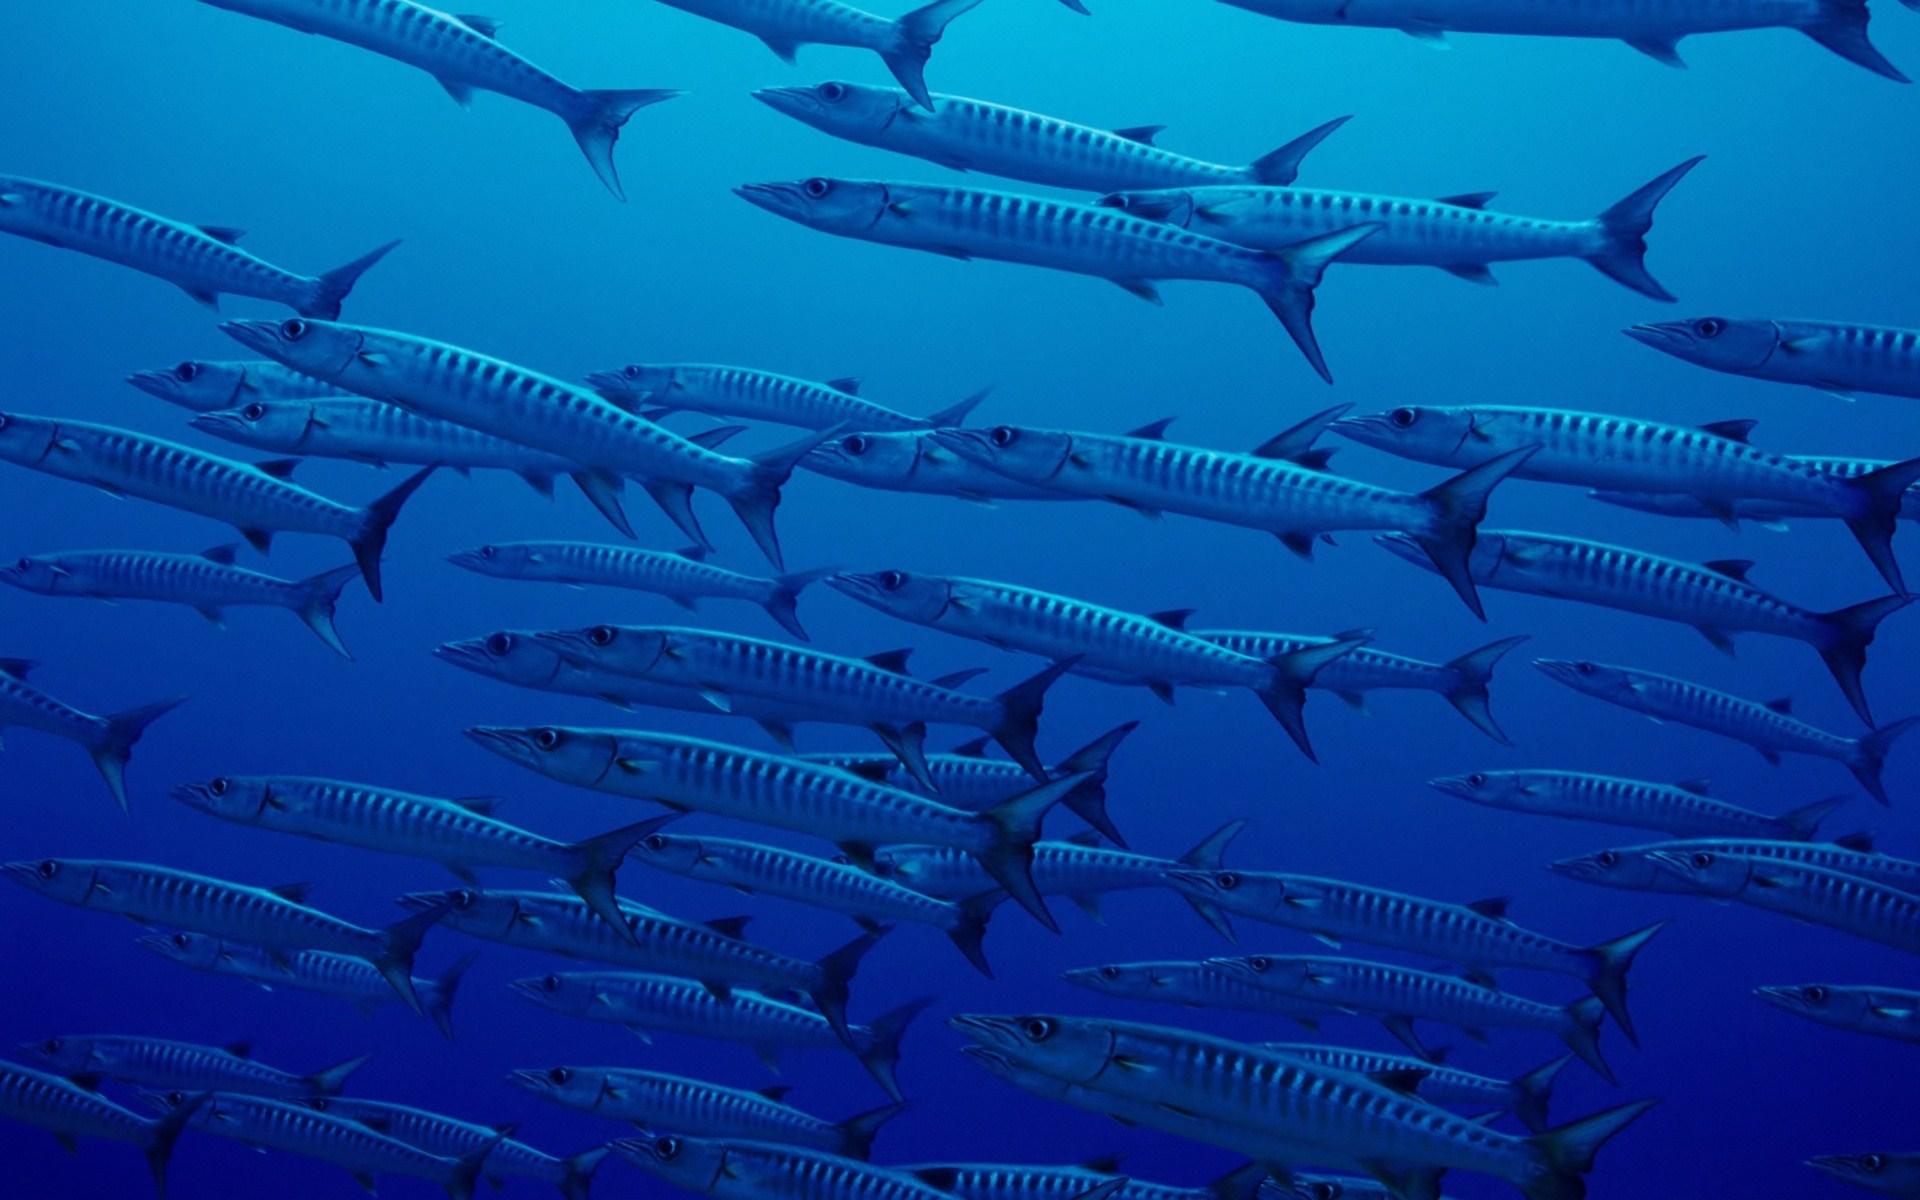 Nature ocean fish blue sea hd wallpaper wallpaper 1920x1200 196182 1920x1200